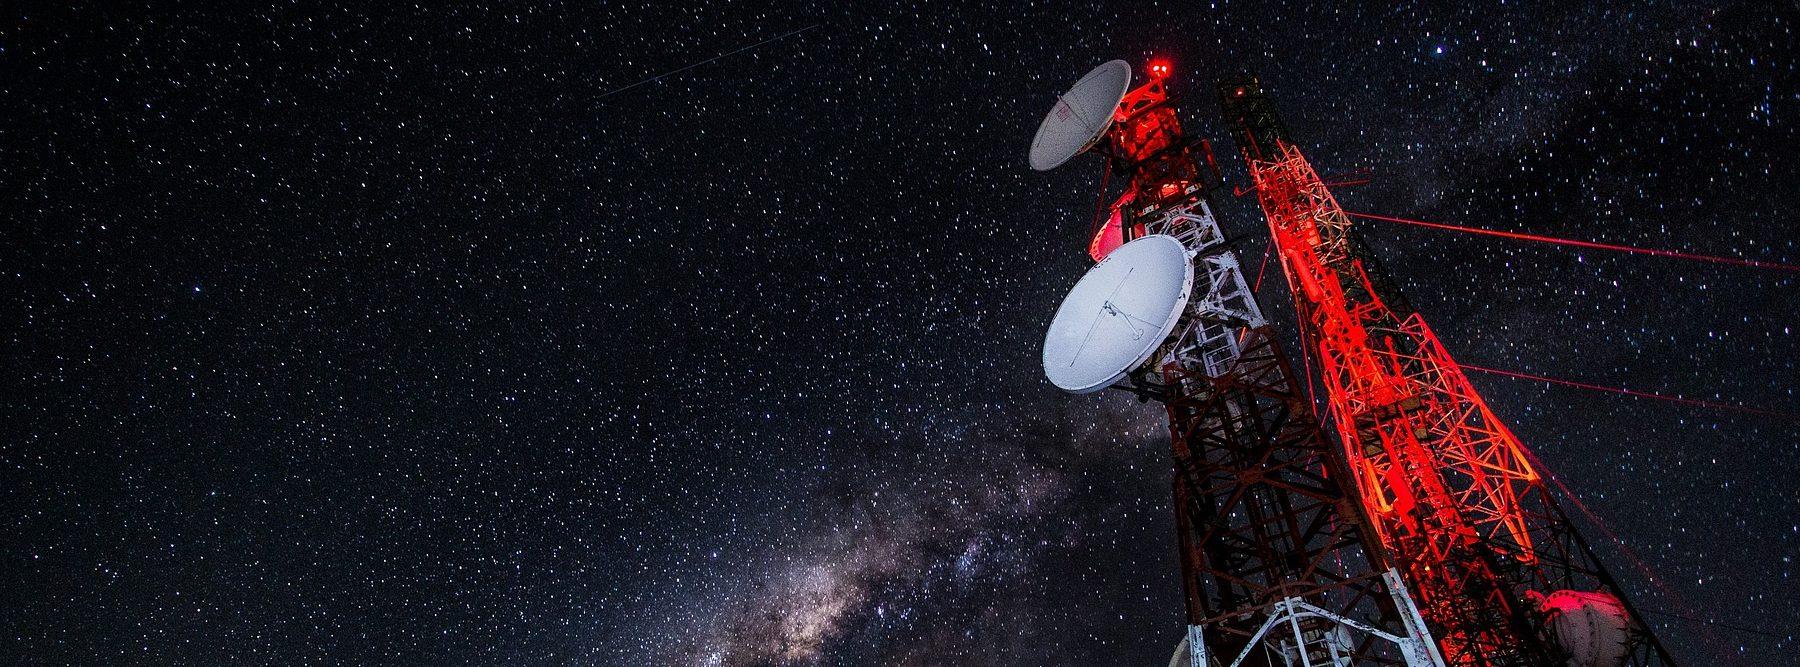 2019 traerá un millón de dispositivos 5G